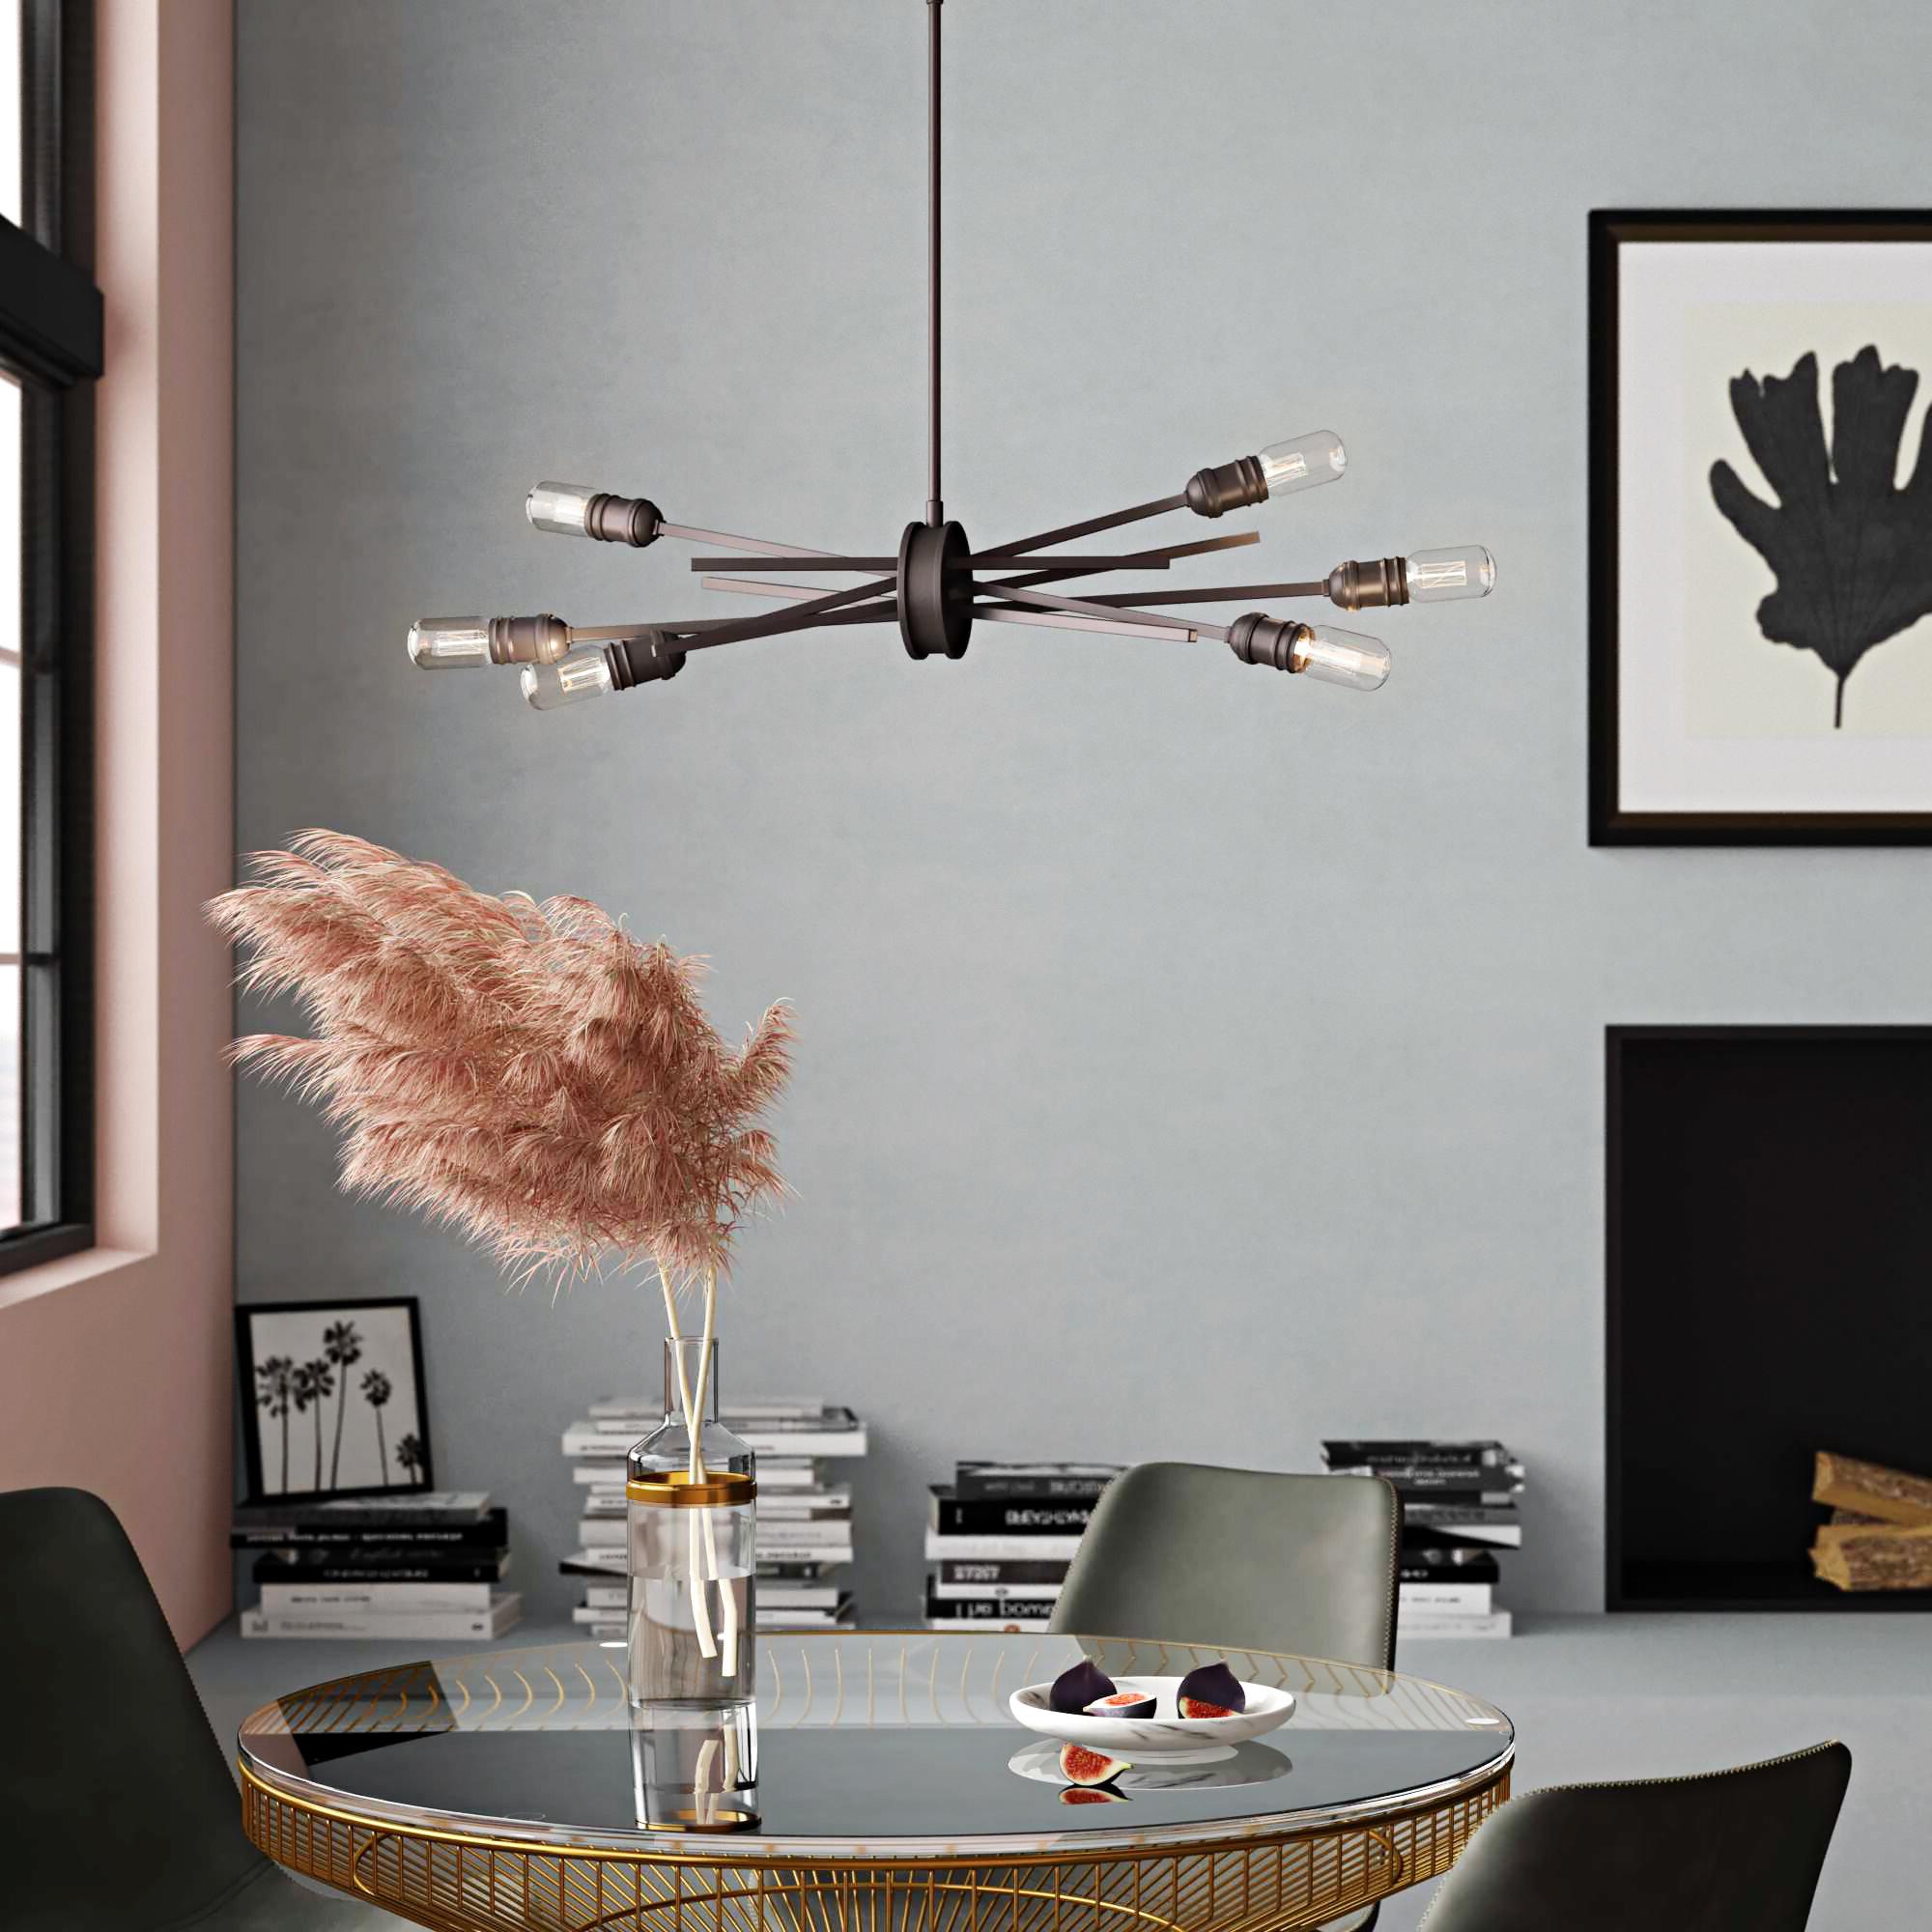 Fashionable Defreitas 18 Light Sputnik Chandeliers Intended For Byler Modern 6 Light Sputnik Chandelier (View 3 of 20)